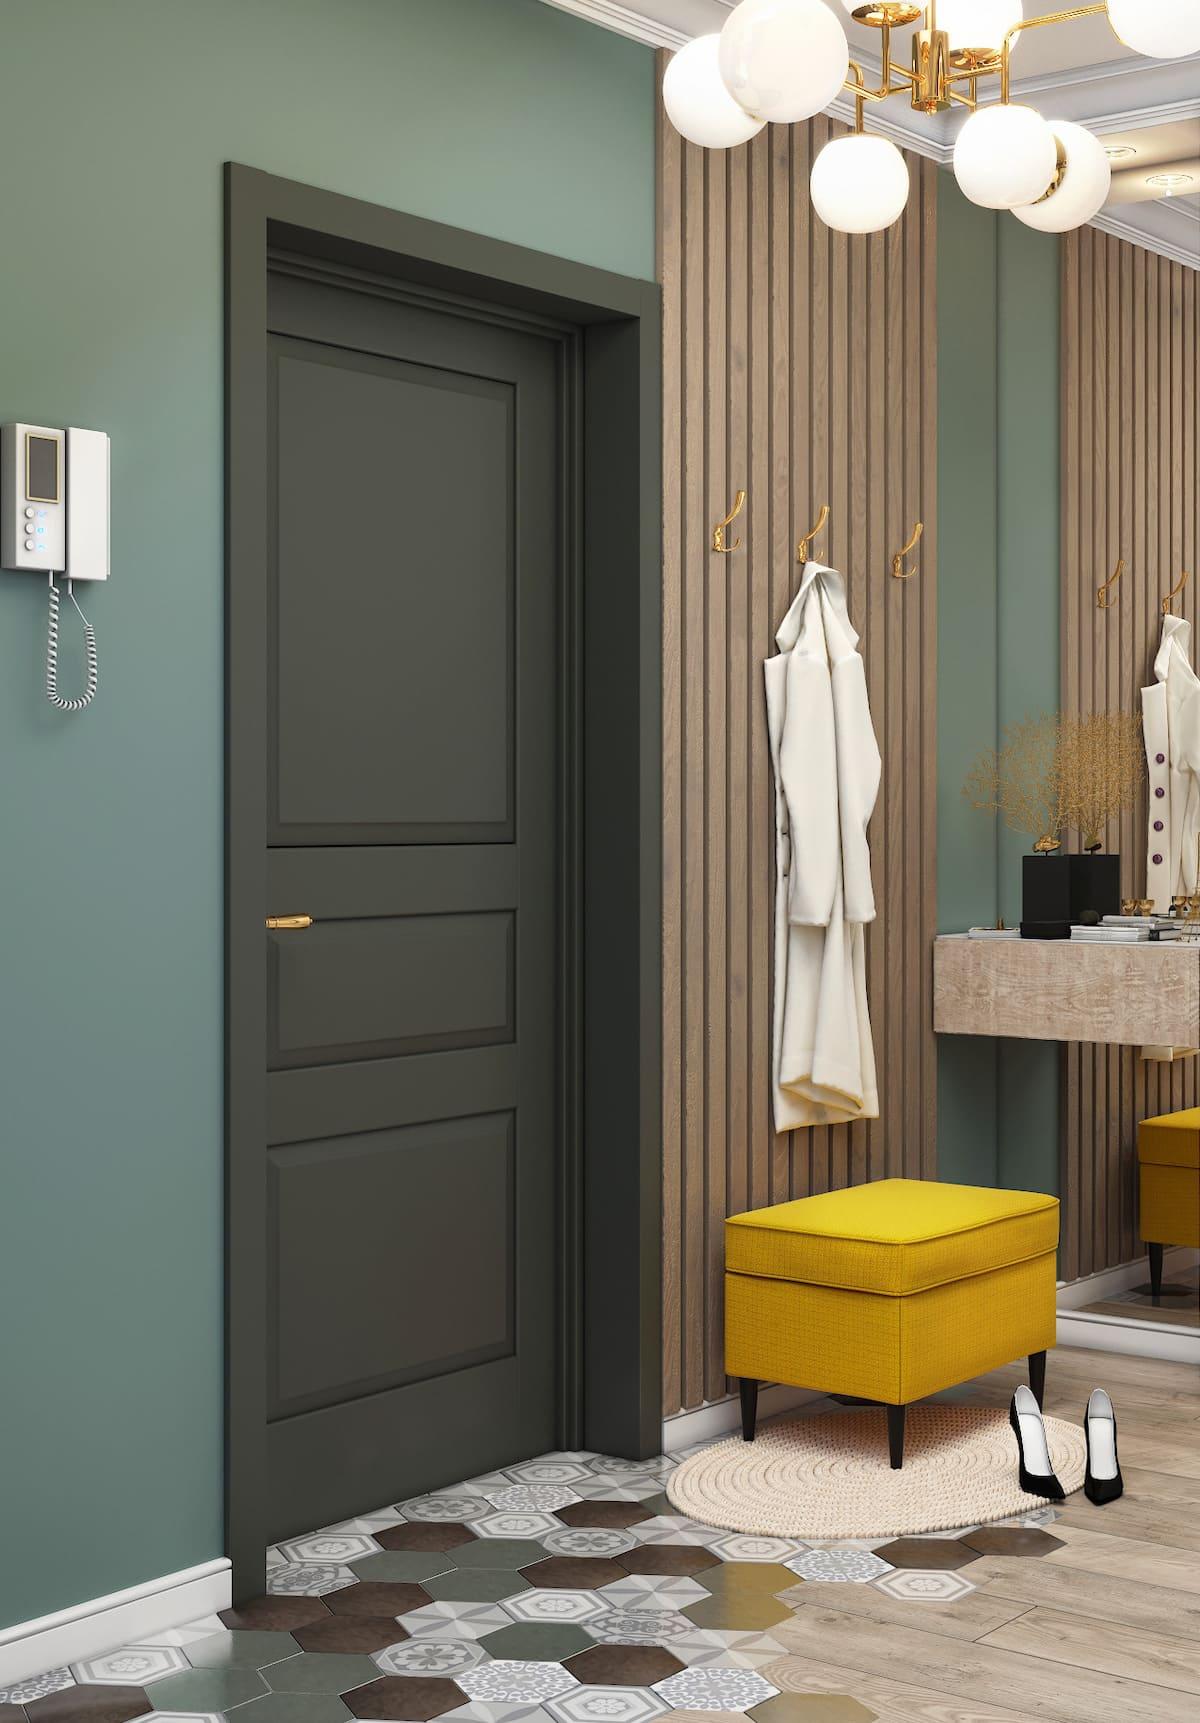 design d'intérieur couloir photo 14